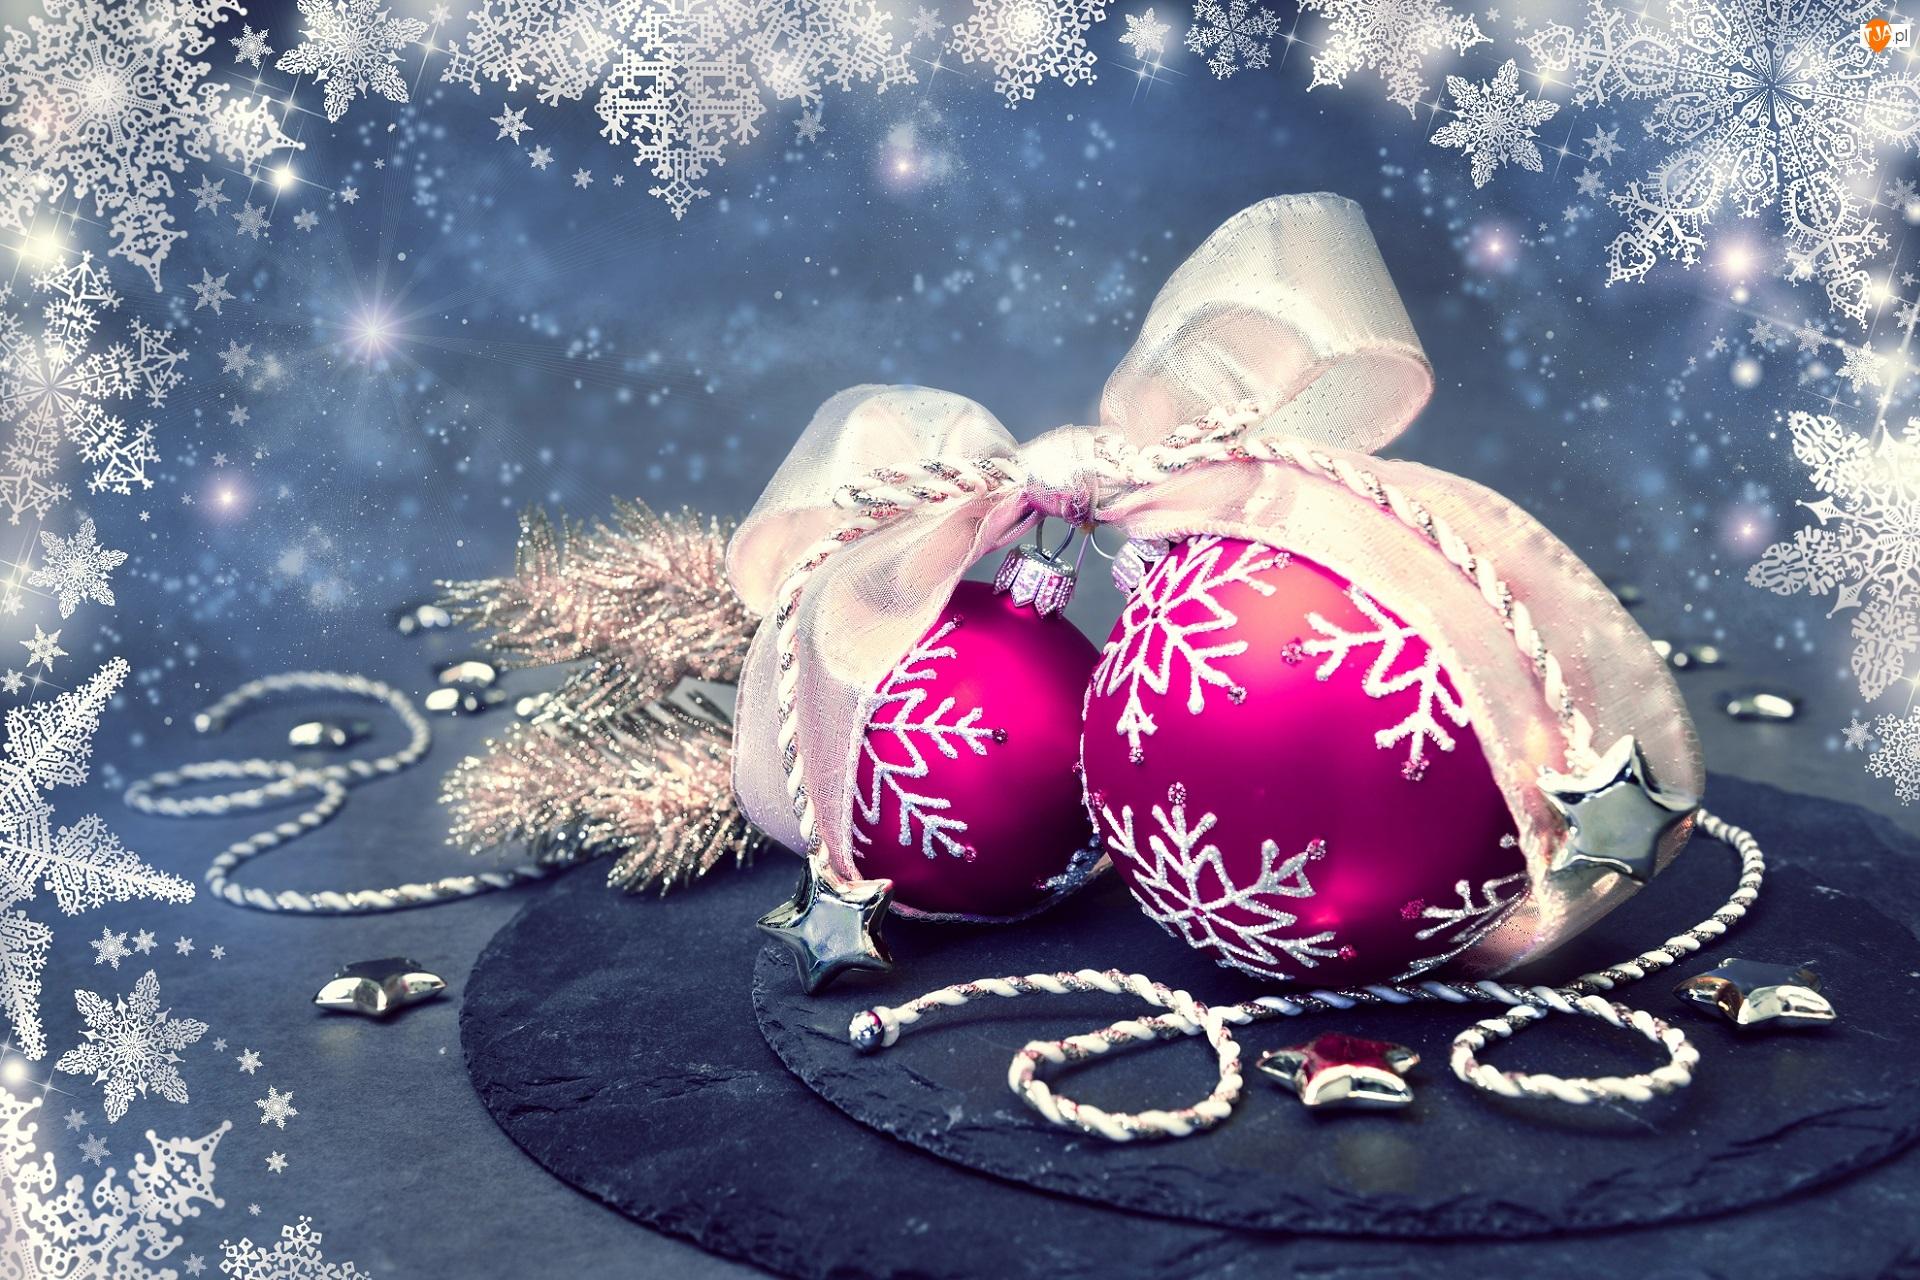 Bombki, Gwiazdki, Dekoracja, Boże Narodzenie, Wstążka